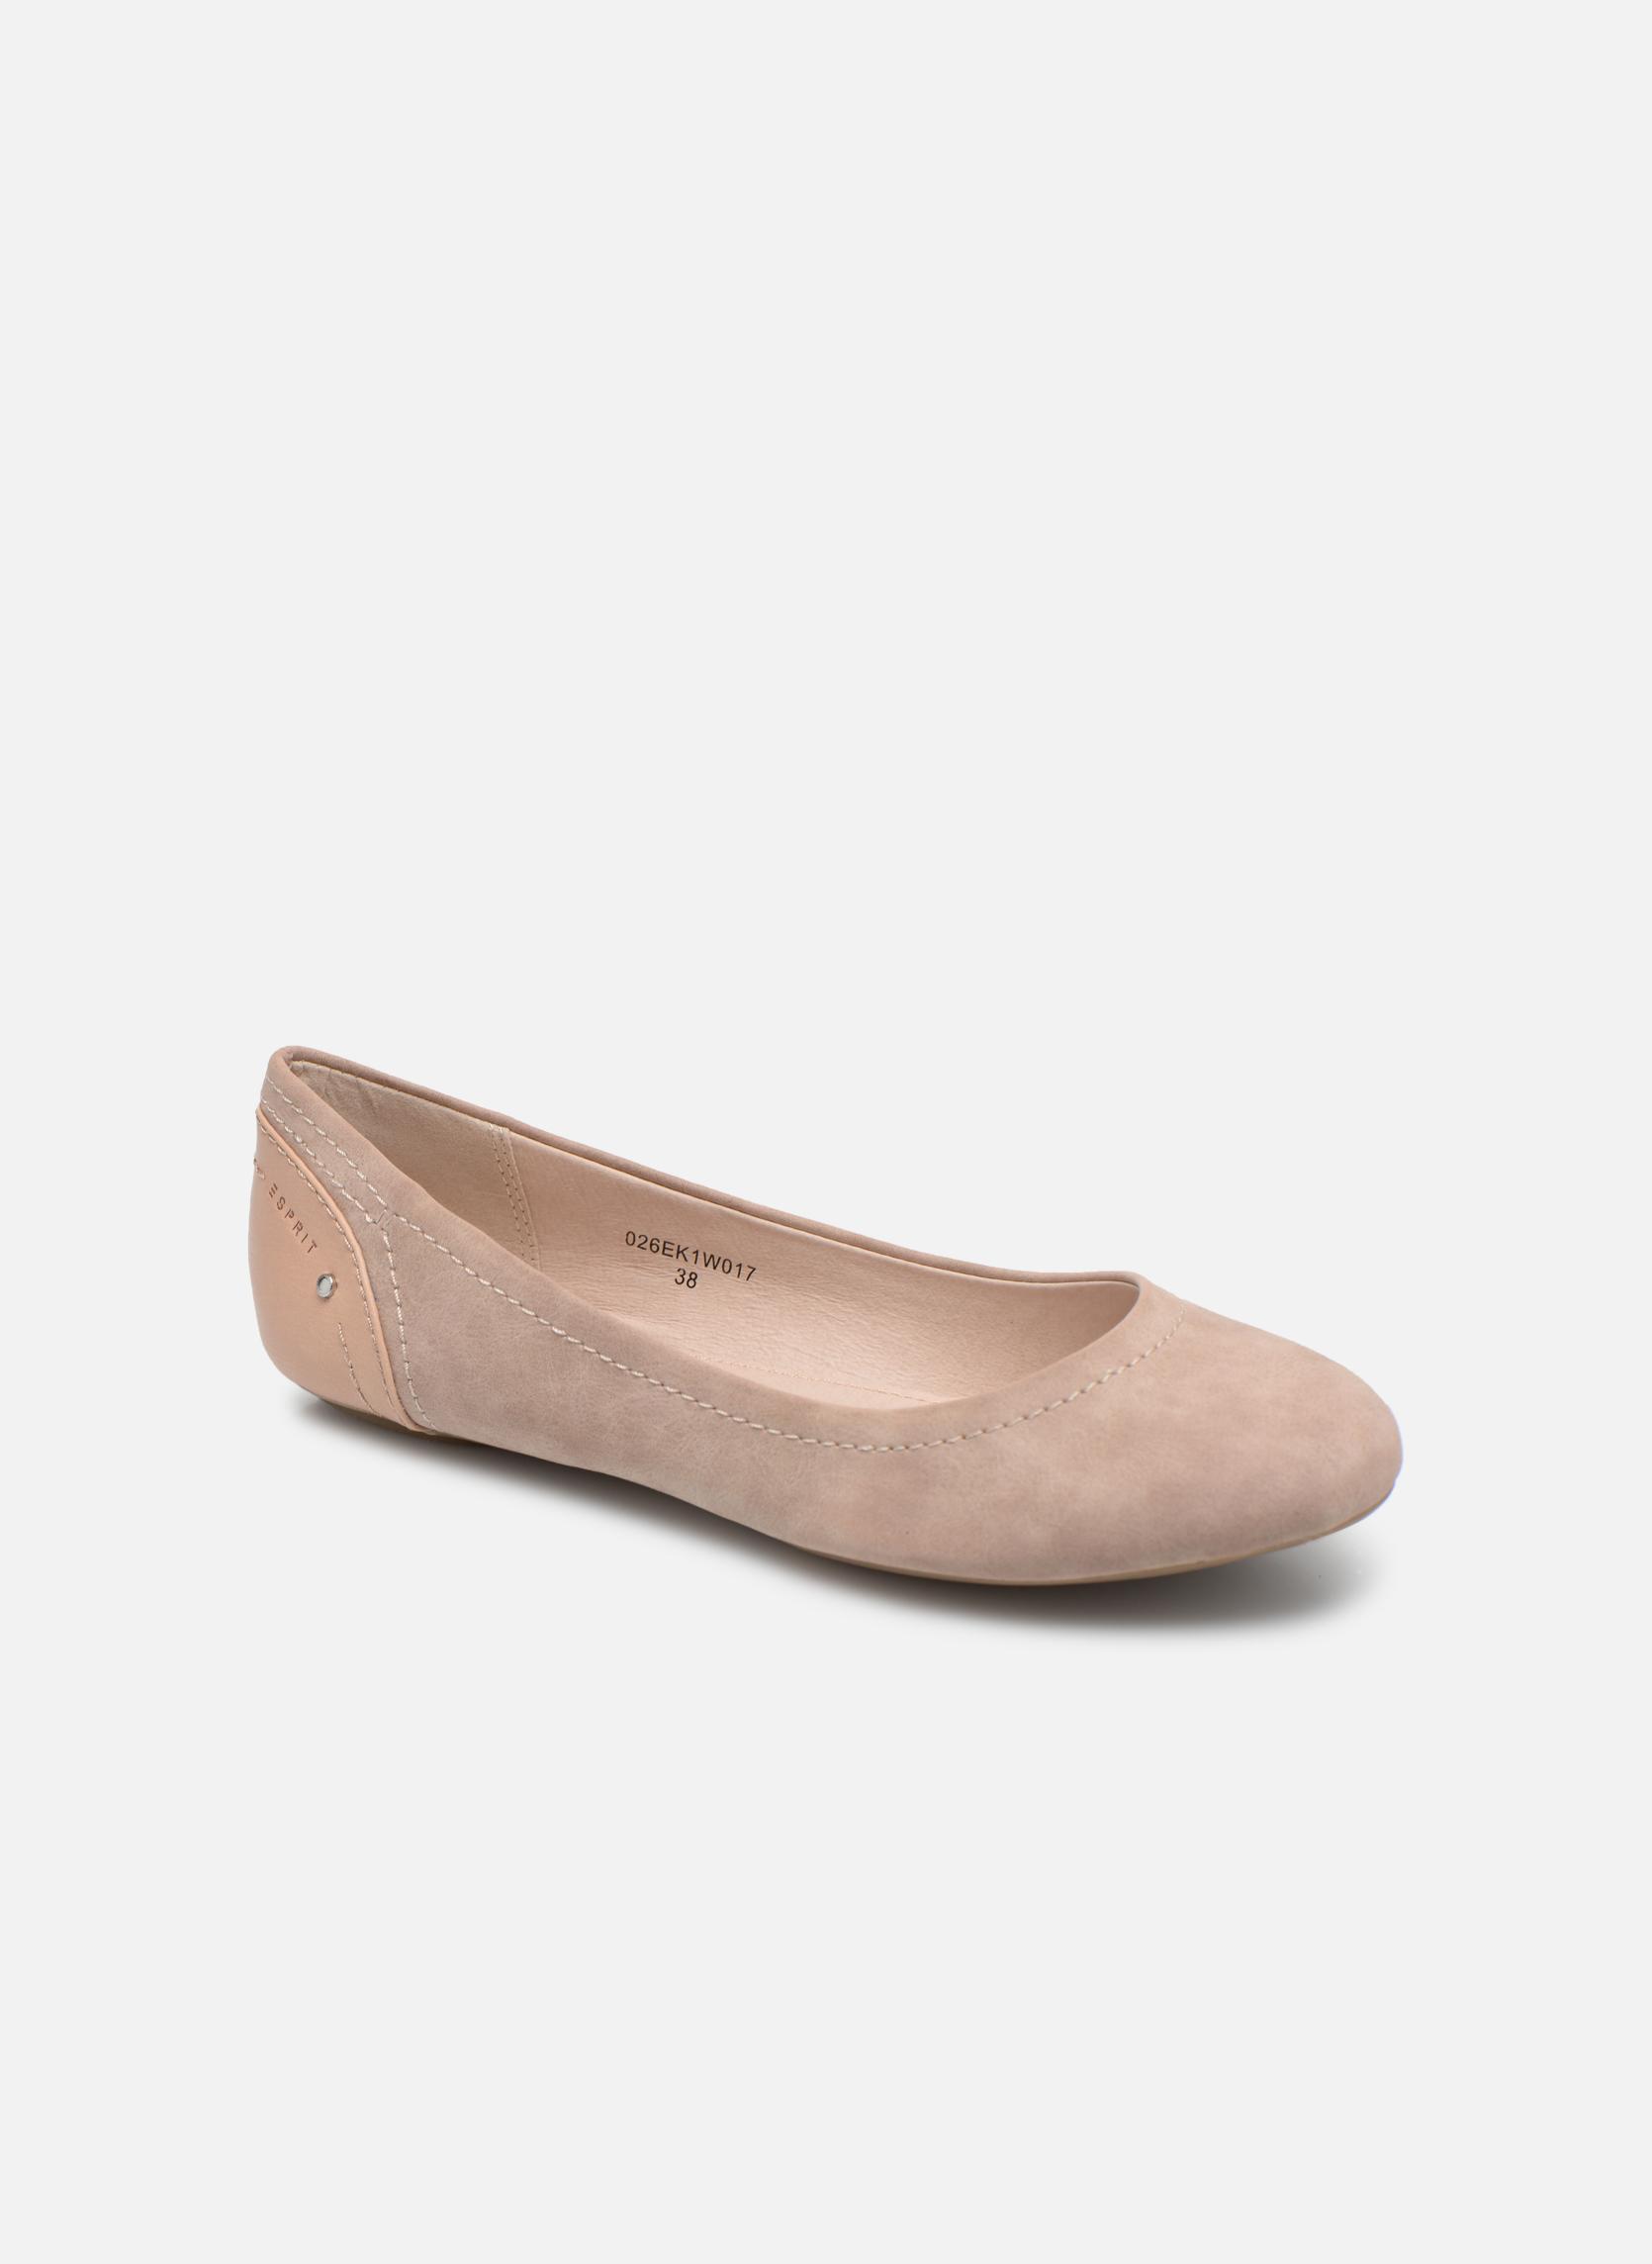 Endoi - Ballerinas Femmes / Sarenza Noir DntAHHIY1